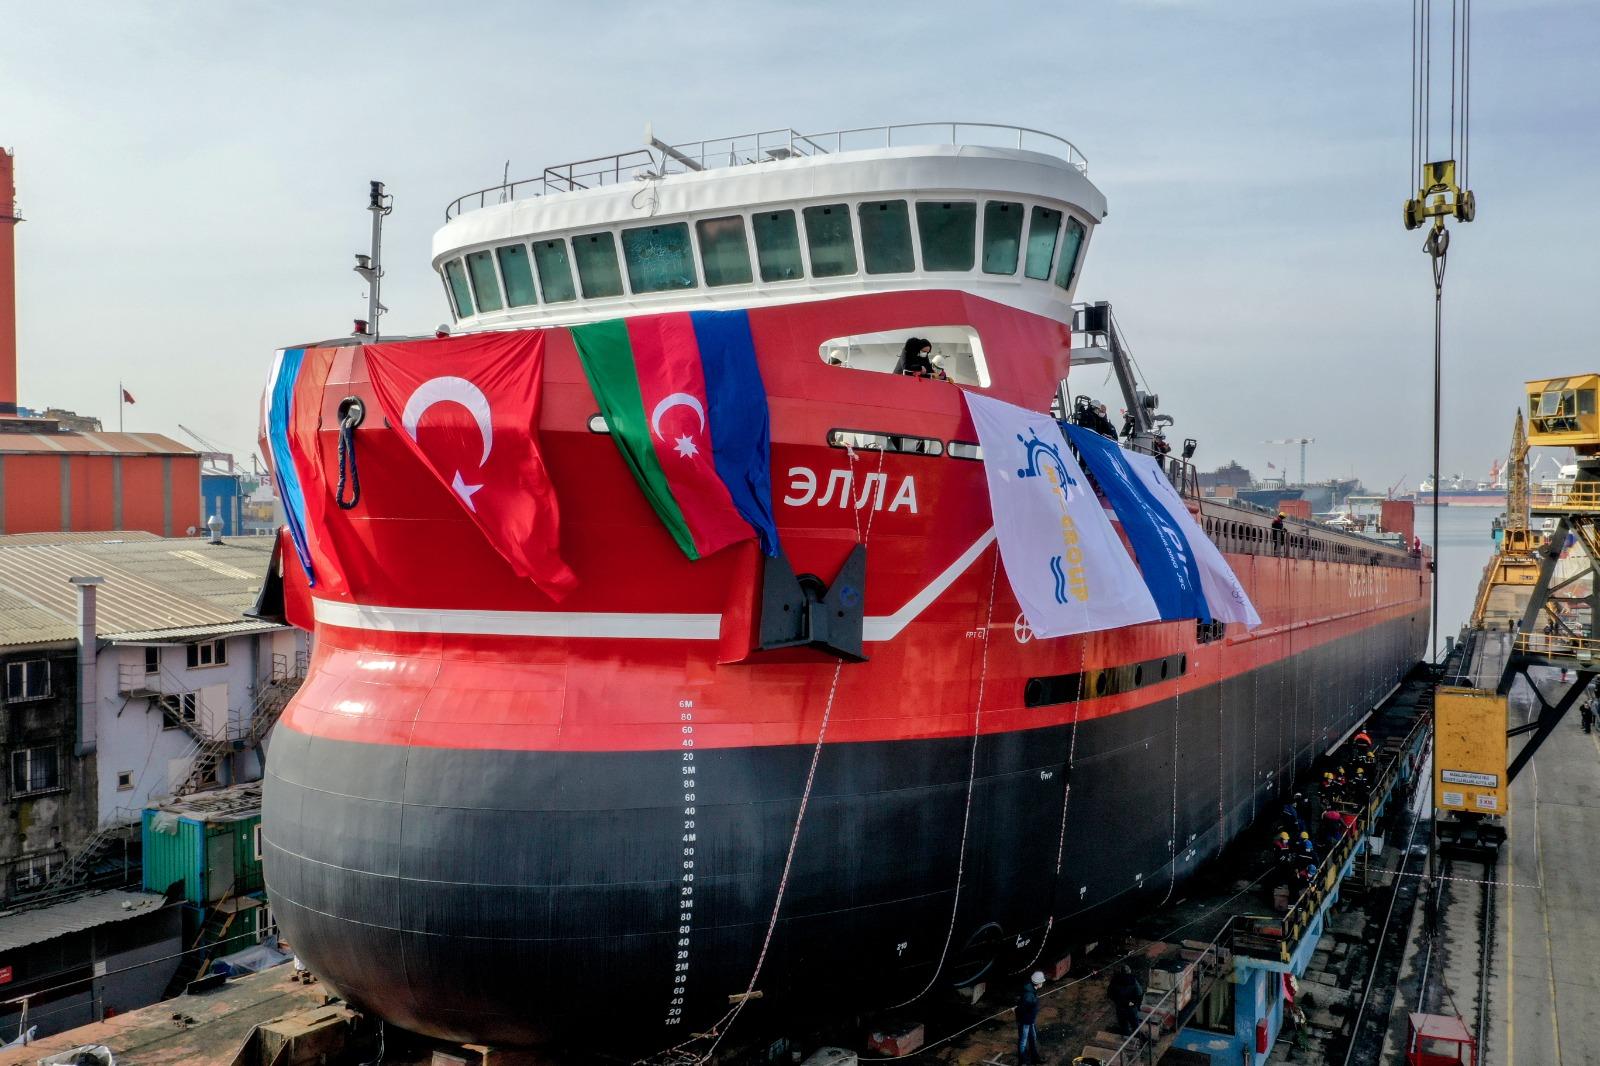 Спуск на воду «Эллы», второго судна проекта U-type